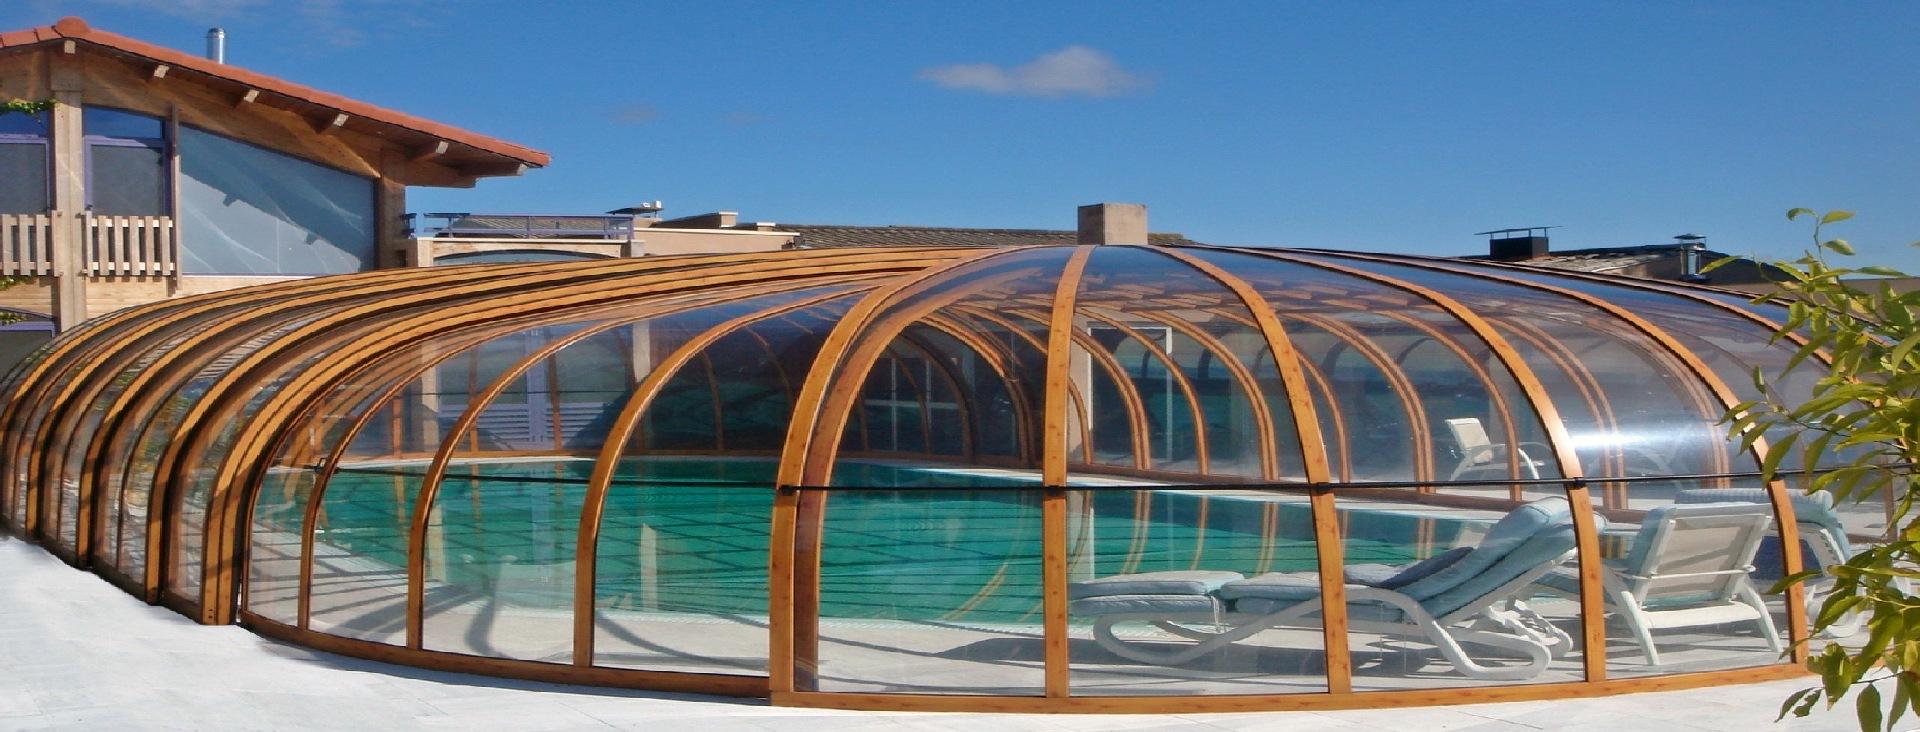 Павильоны и покрытия в Санкт-Петербурге и ЛенобластиПавильоны для бассейнов